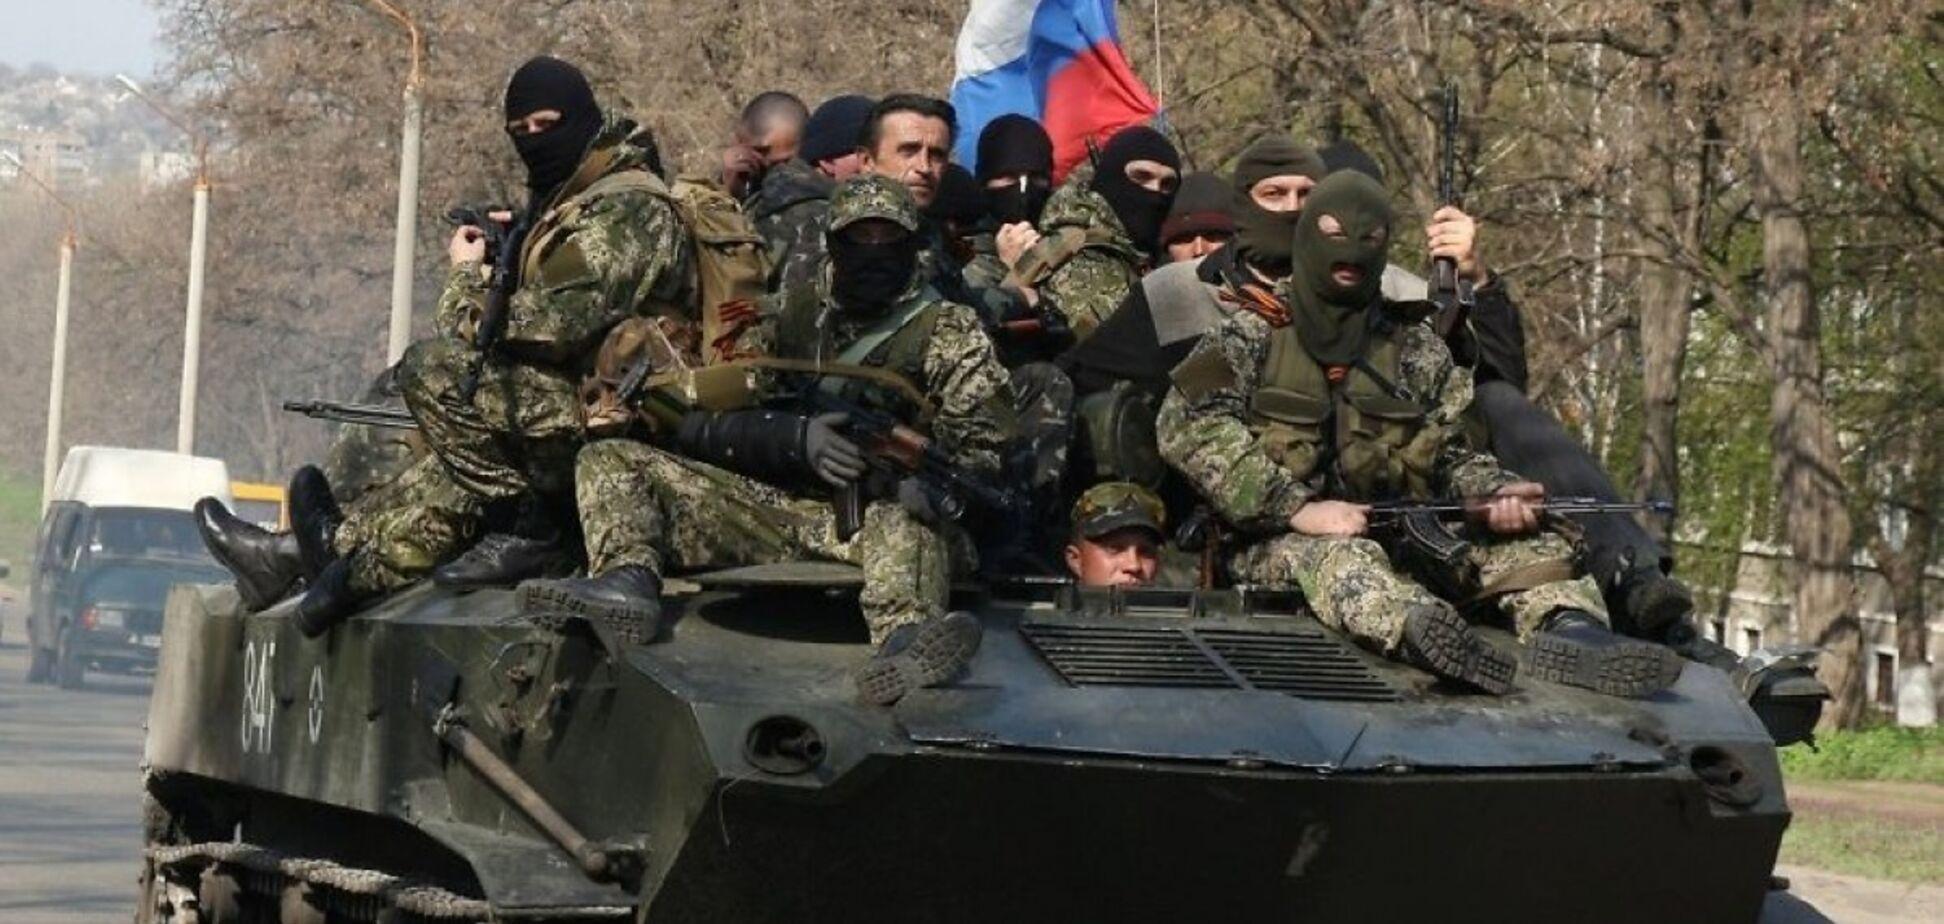 Выдохся: в Украине заявили, что у Путина нет сил на большую войну